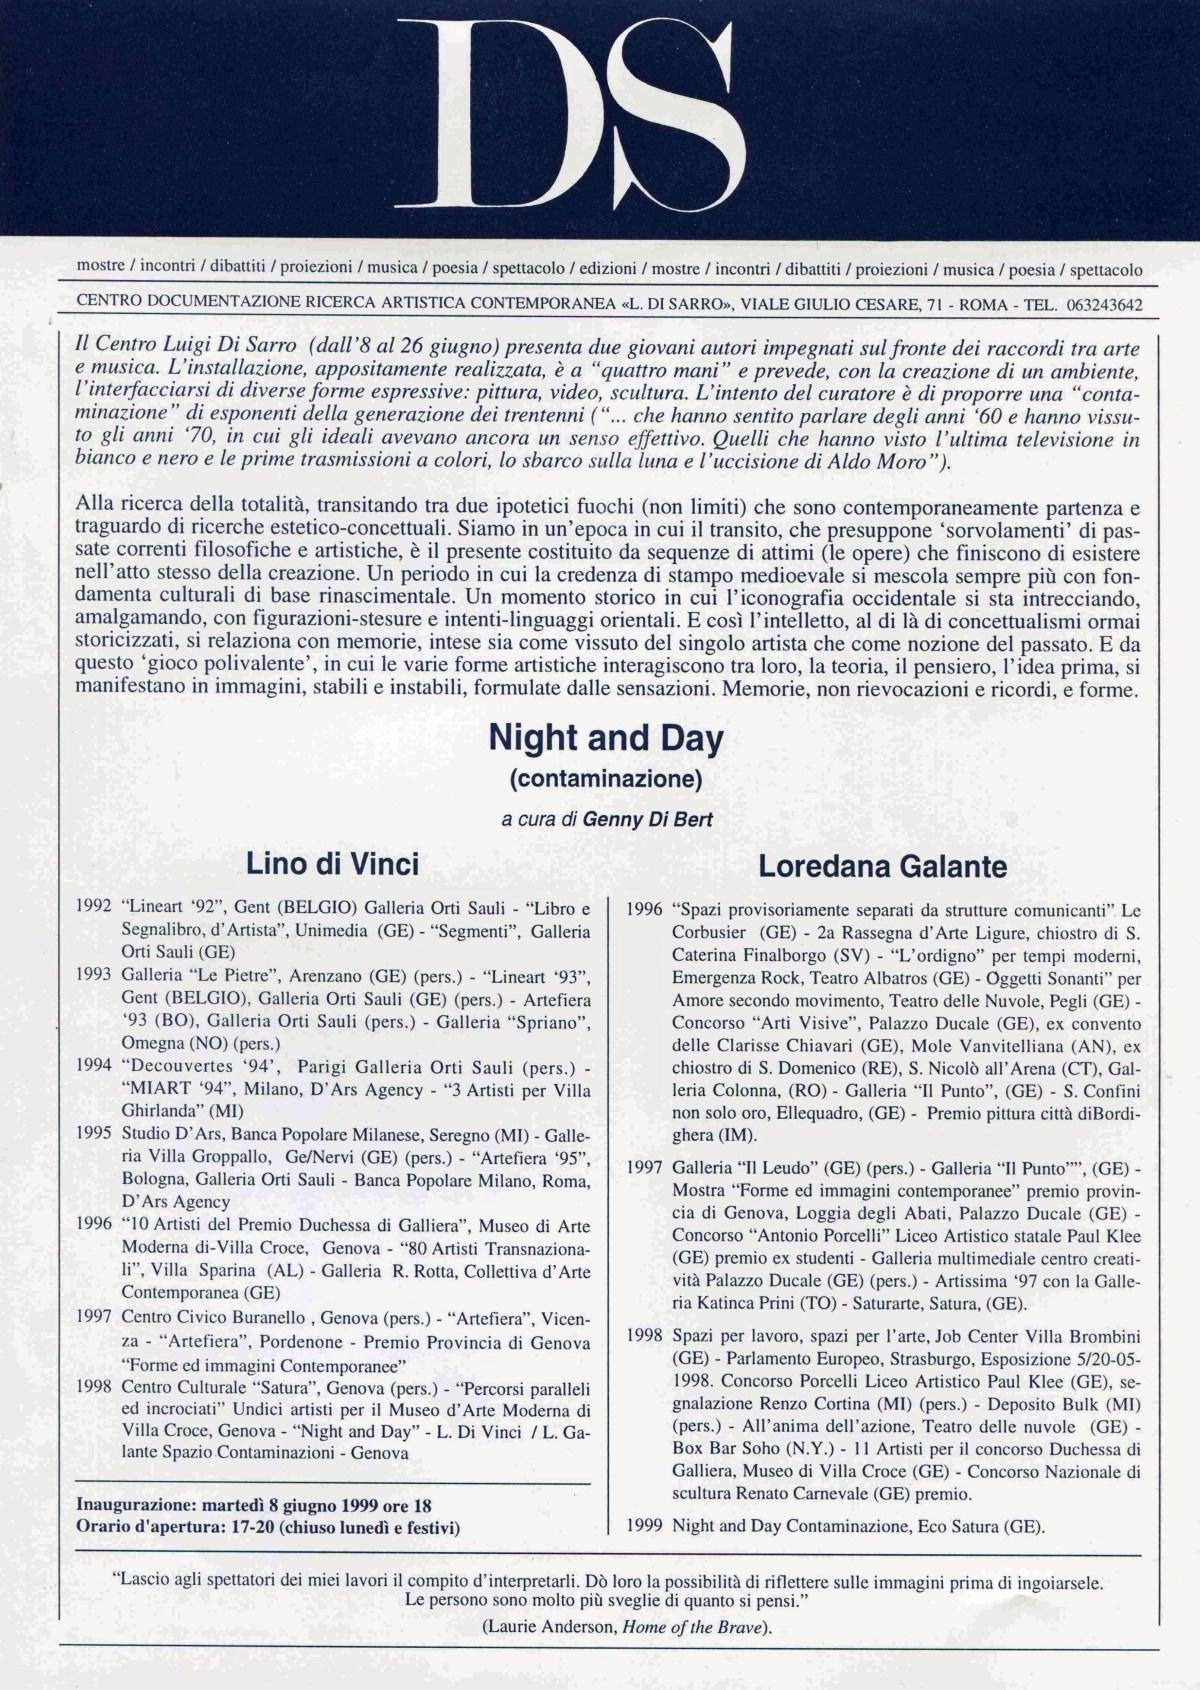 """""""Night and Day"""", Lino Di Vinci, Loredana Galante  8 - 26 giugno 1999"""